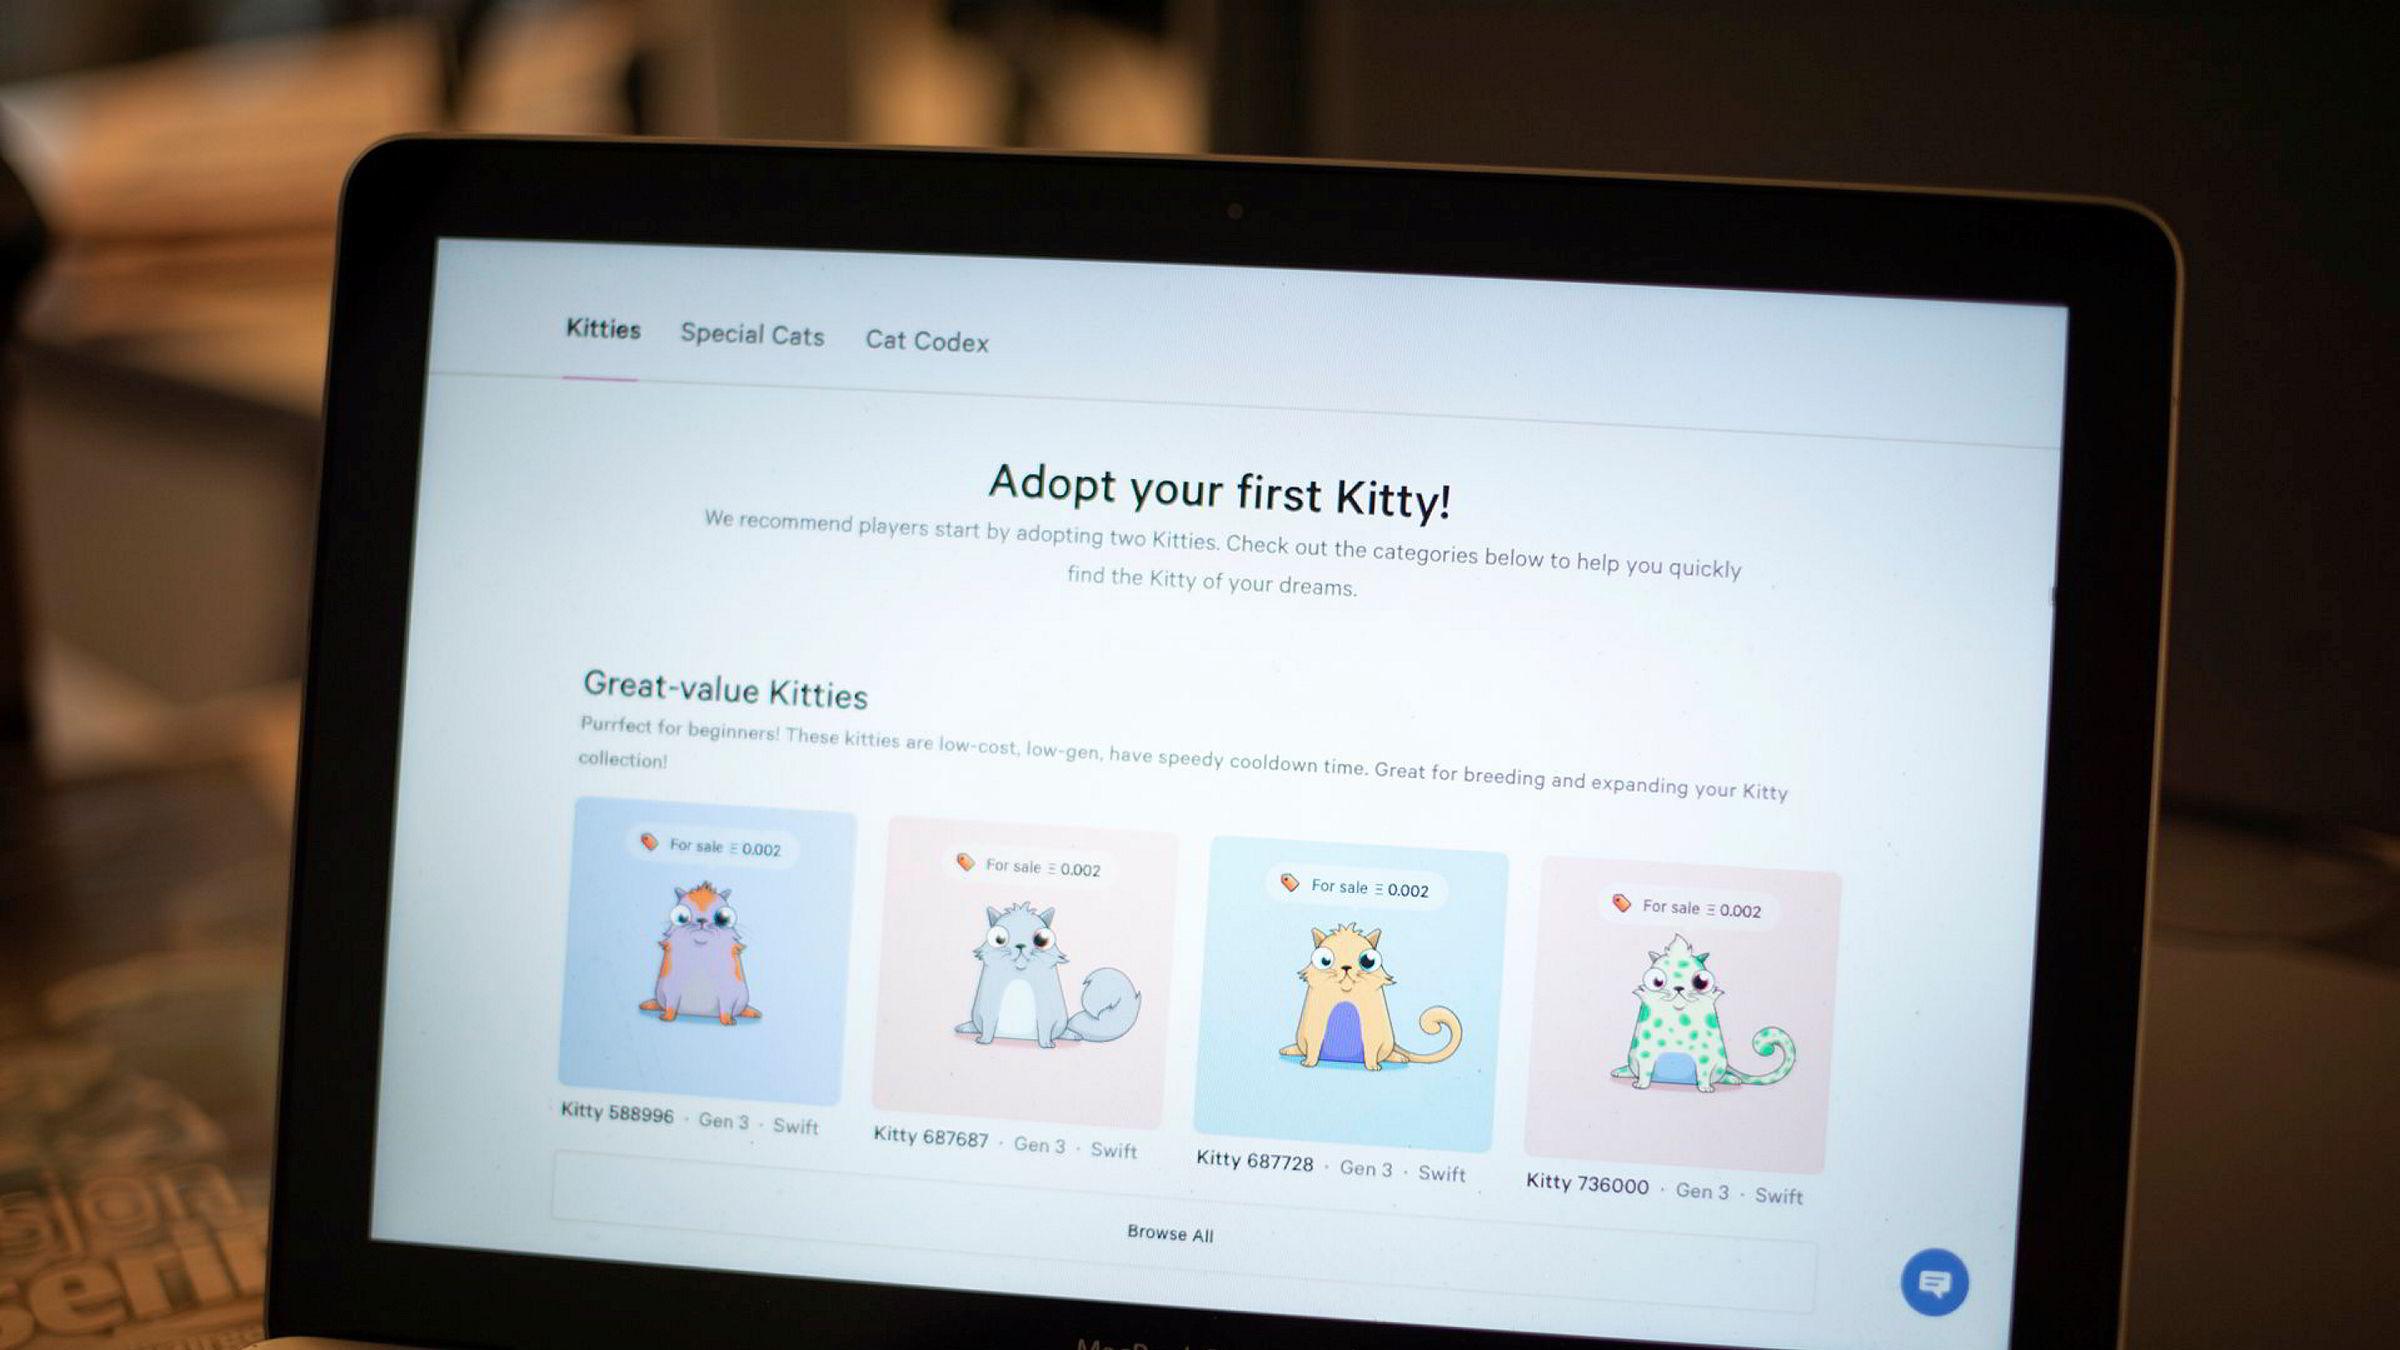 Spillet CryptoKitties kan sammenlignes med digitale klinkekuler eller fotballkort. Siden de er bygget på blokkjede, er hver katt unik og har sitt eget «dna» representert ved en unik kode, skriver artikkelforfatteren.